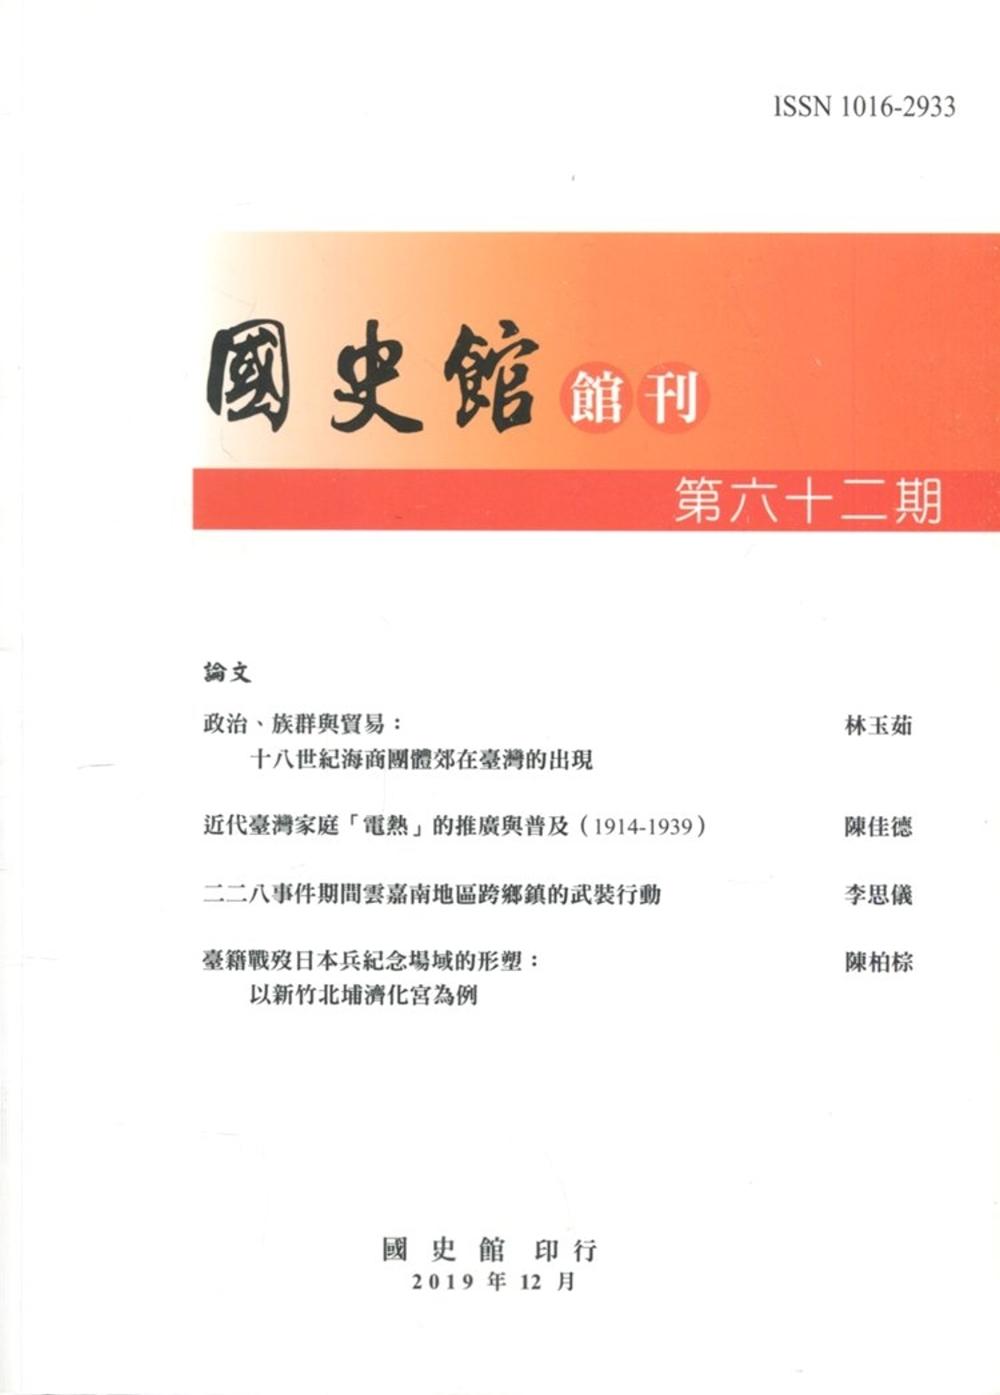 國史館館刊第62期(2019.12)